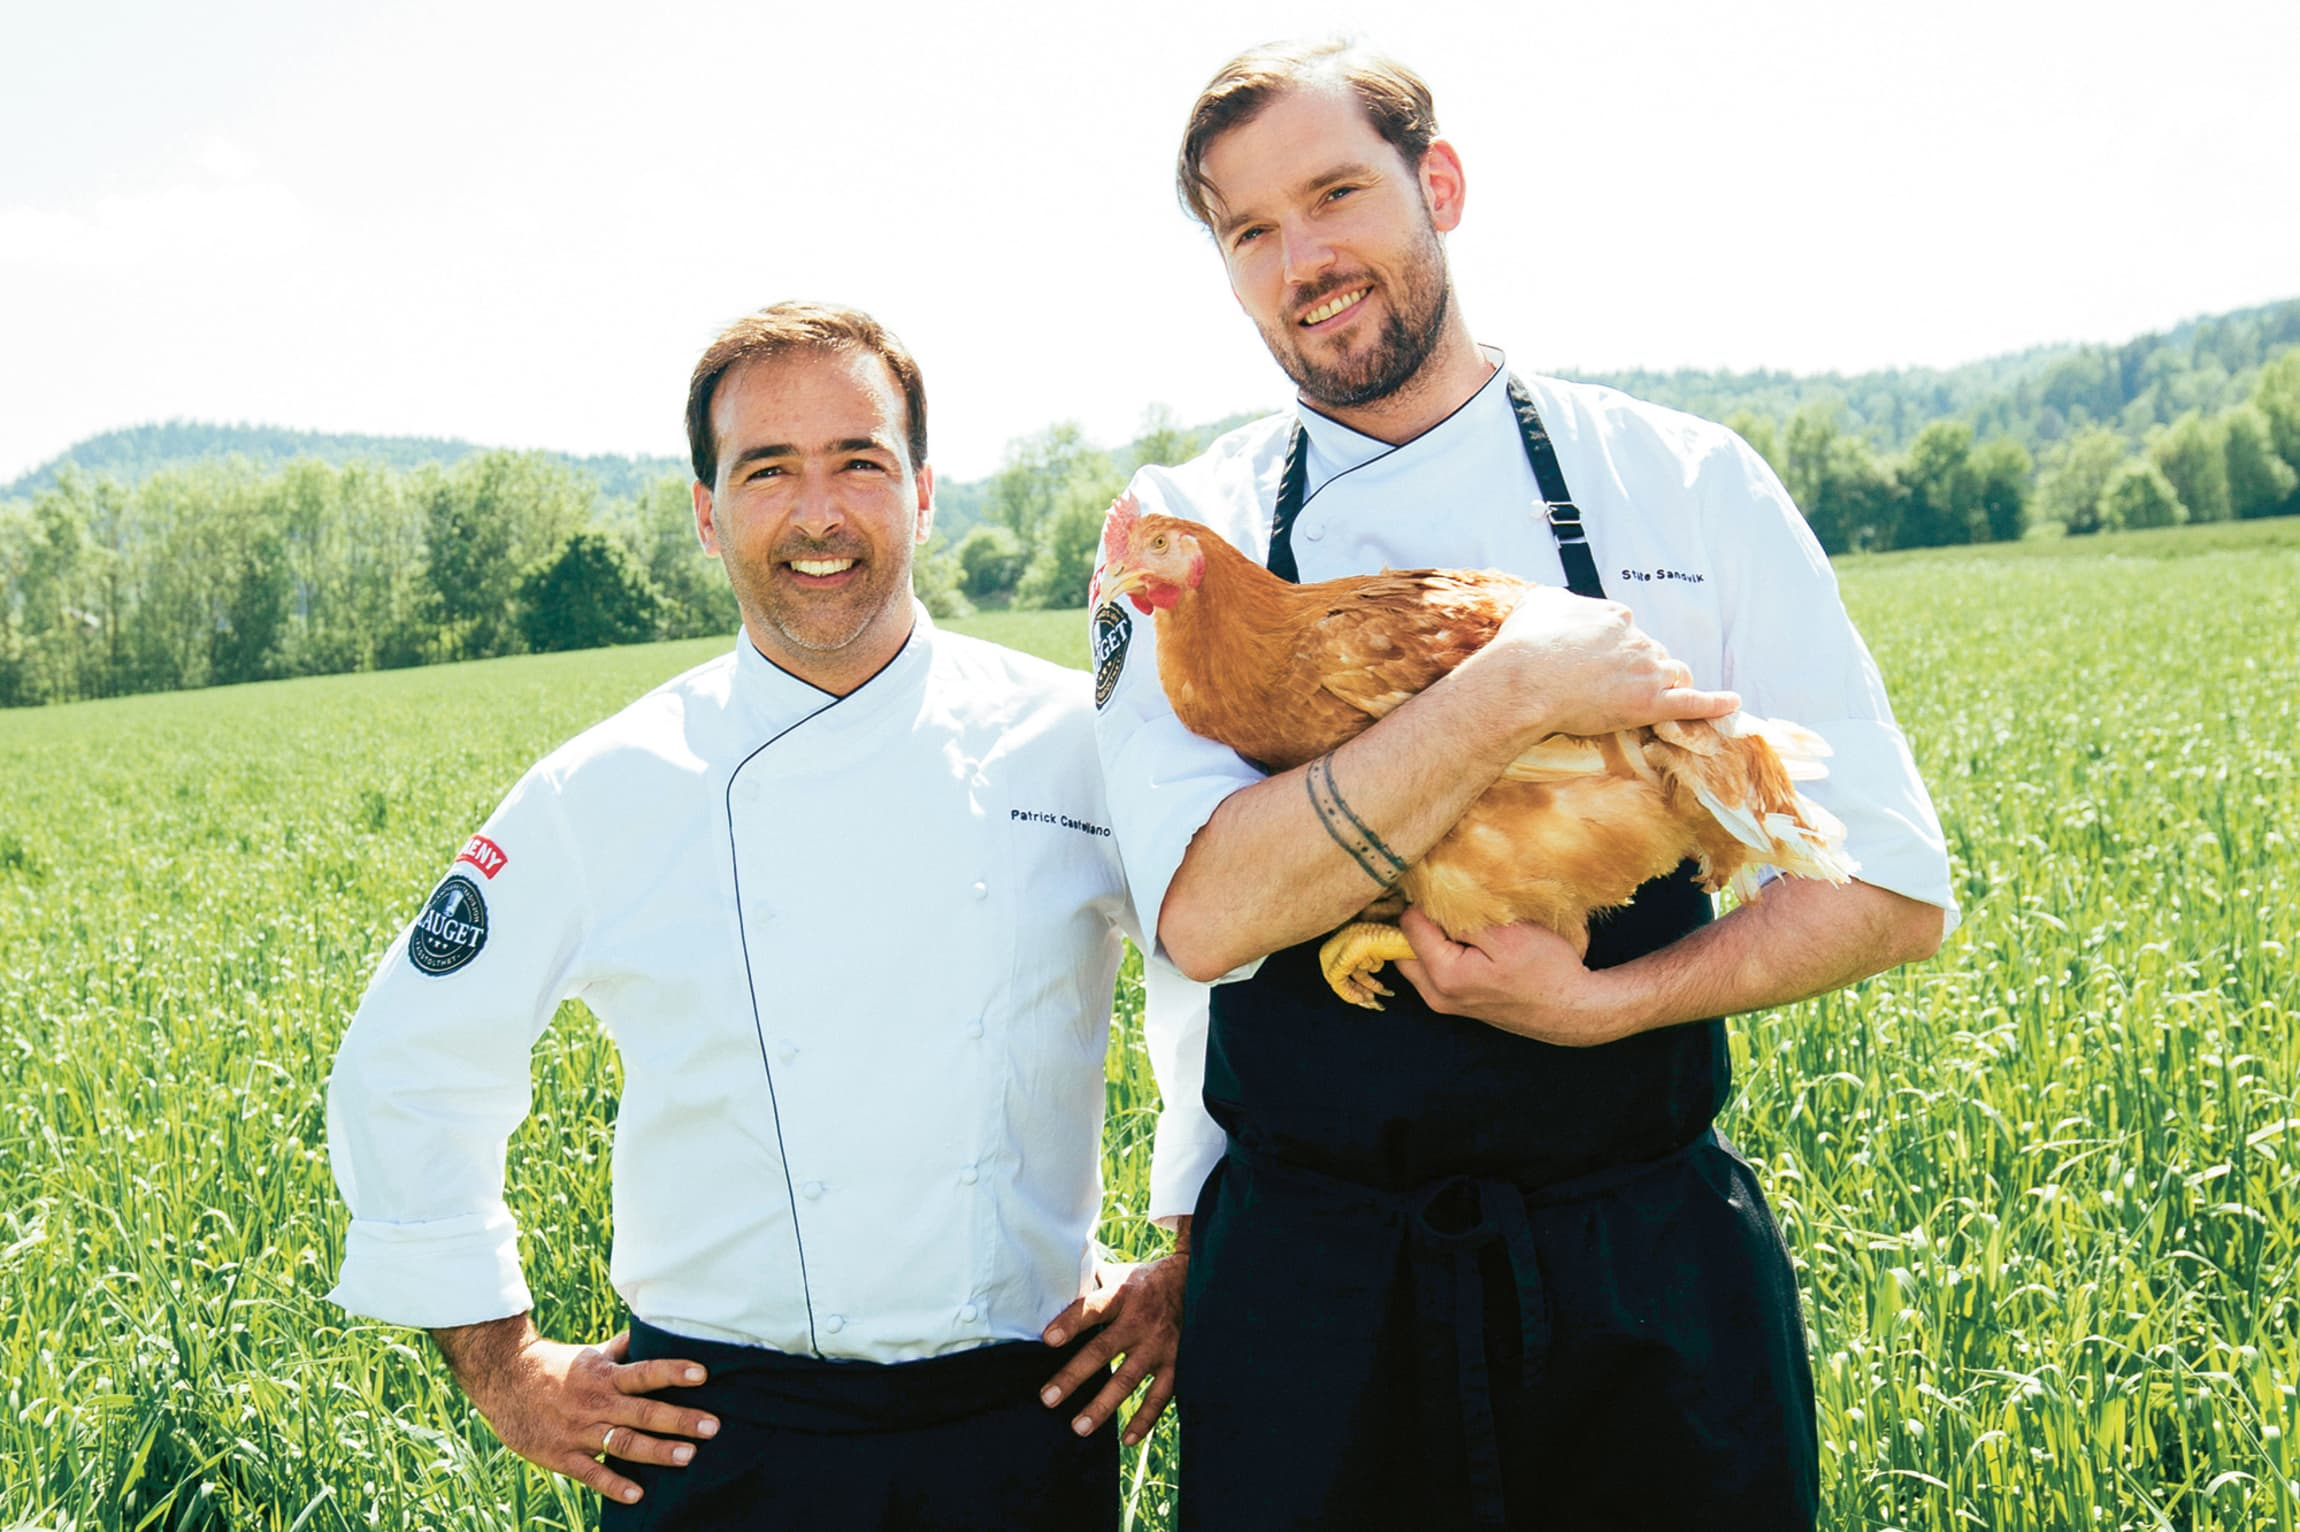 Patrick Castellano er ferskvaresjef ved MENY lndrehavn – og er stor fan av Lerstang kylling.